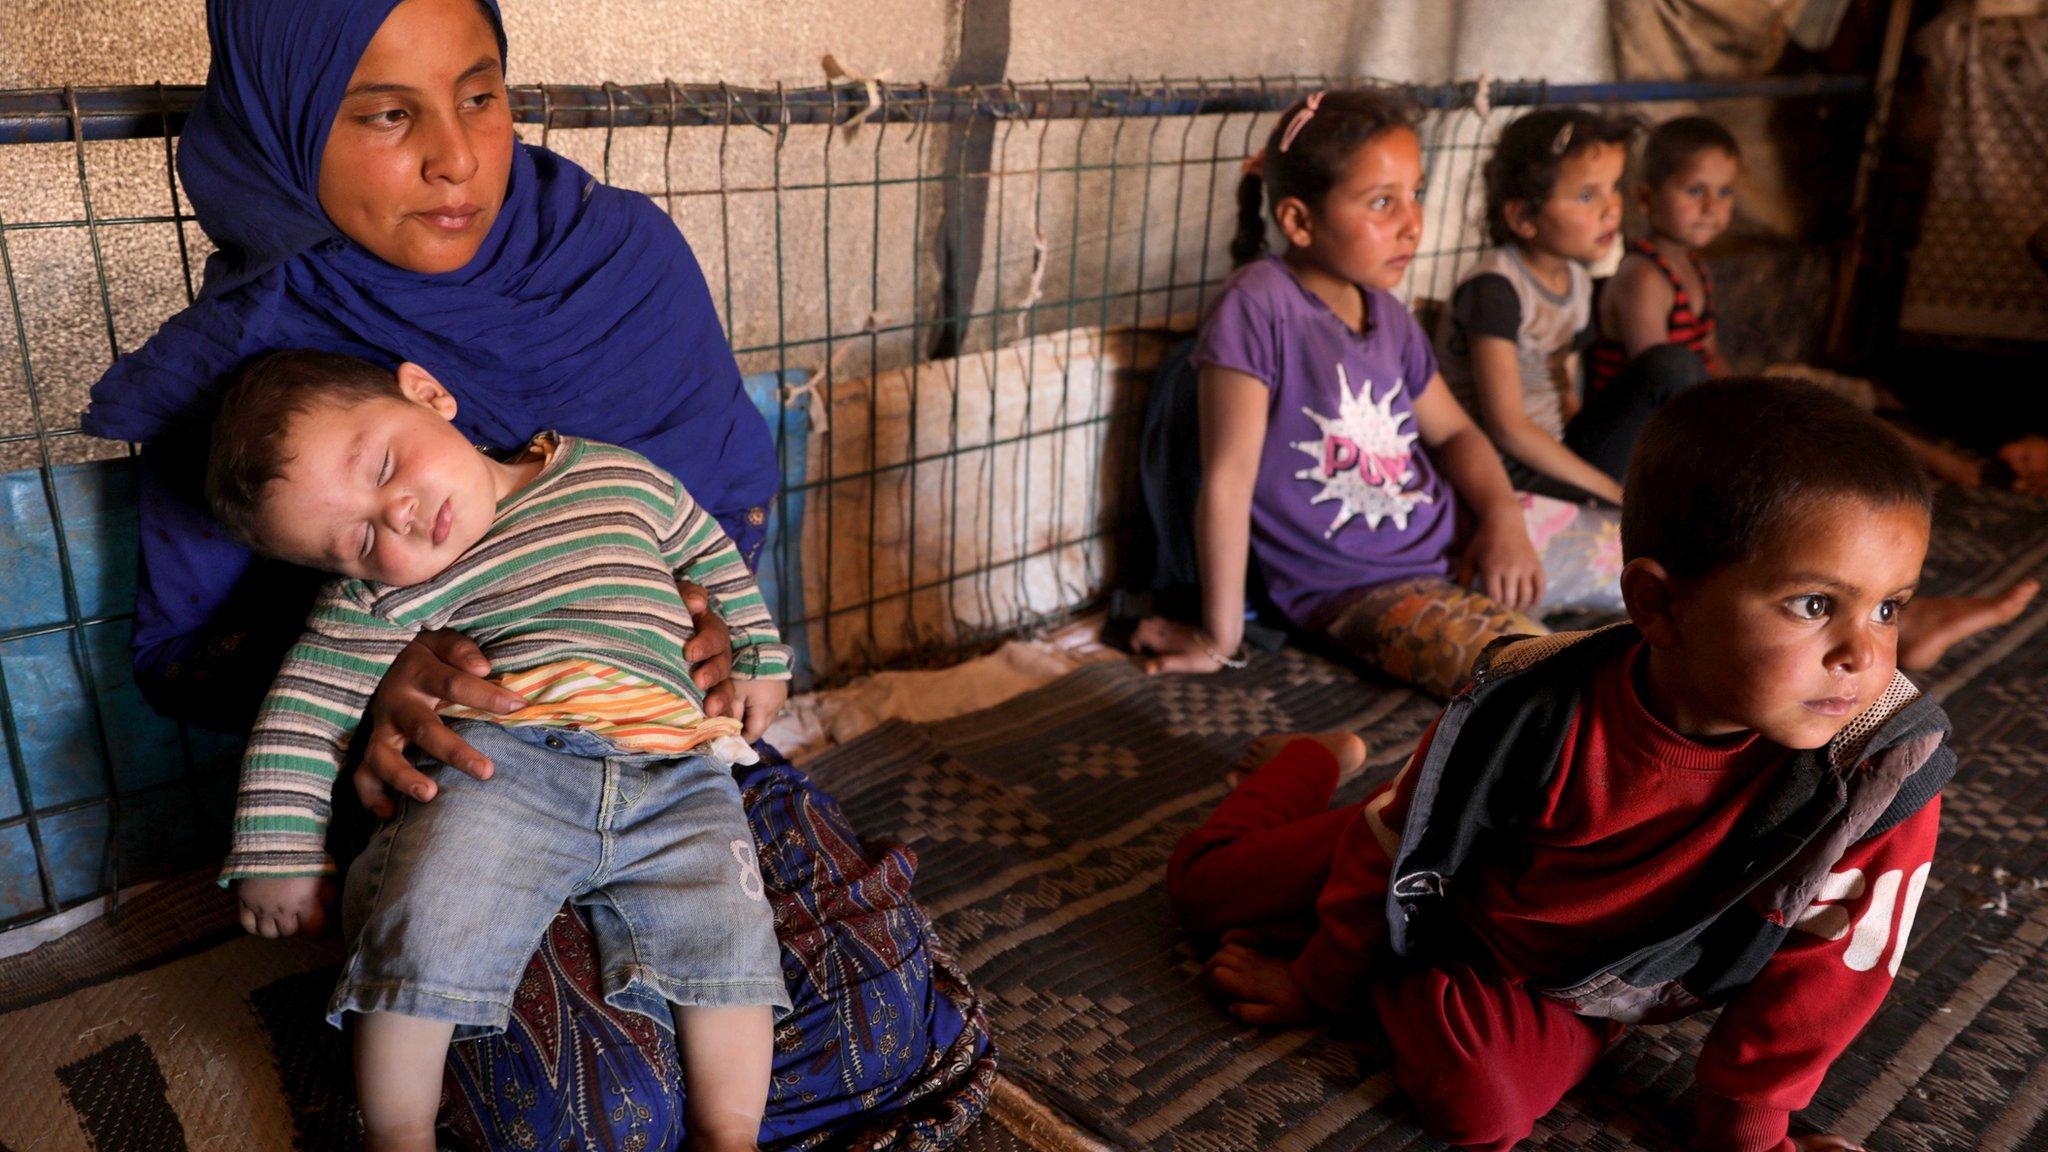 Россия наложила вето на продление договора о поставках гуманитарной помощи Сирии